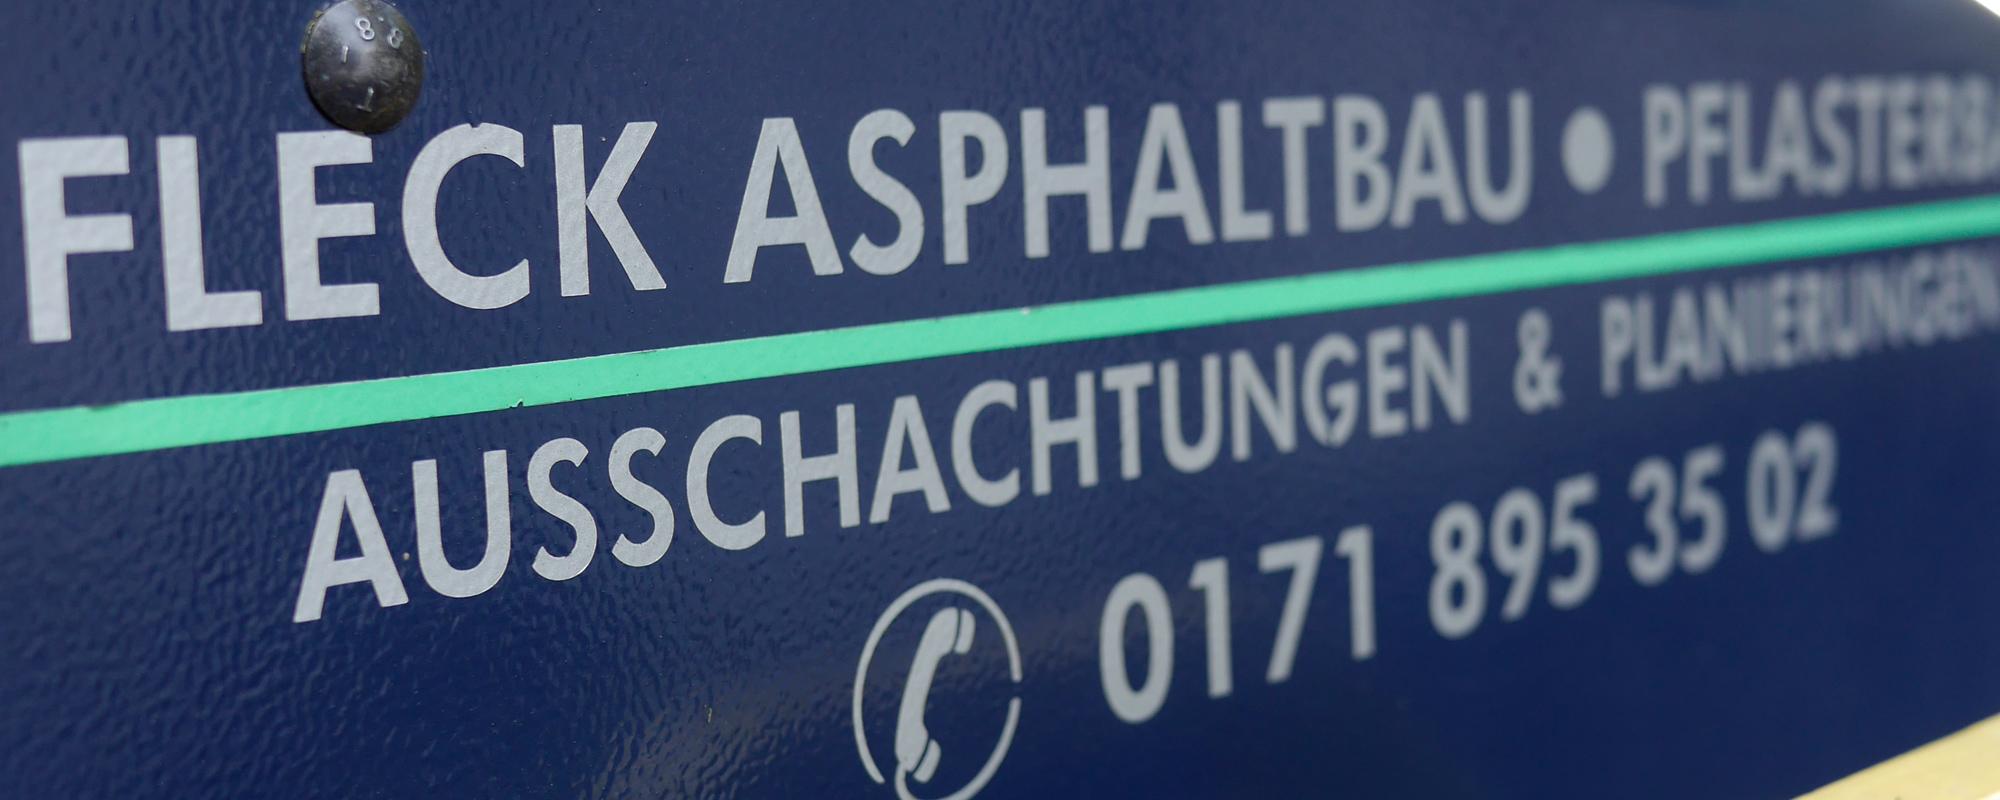 FLECK-Asphaltbau-GmbH-Ausschachtung-1